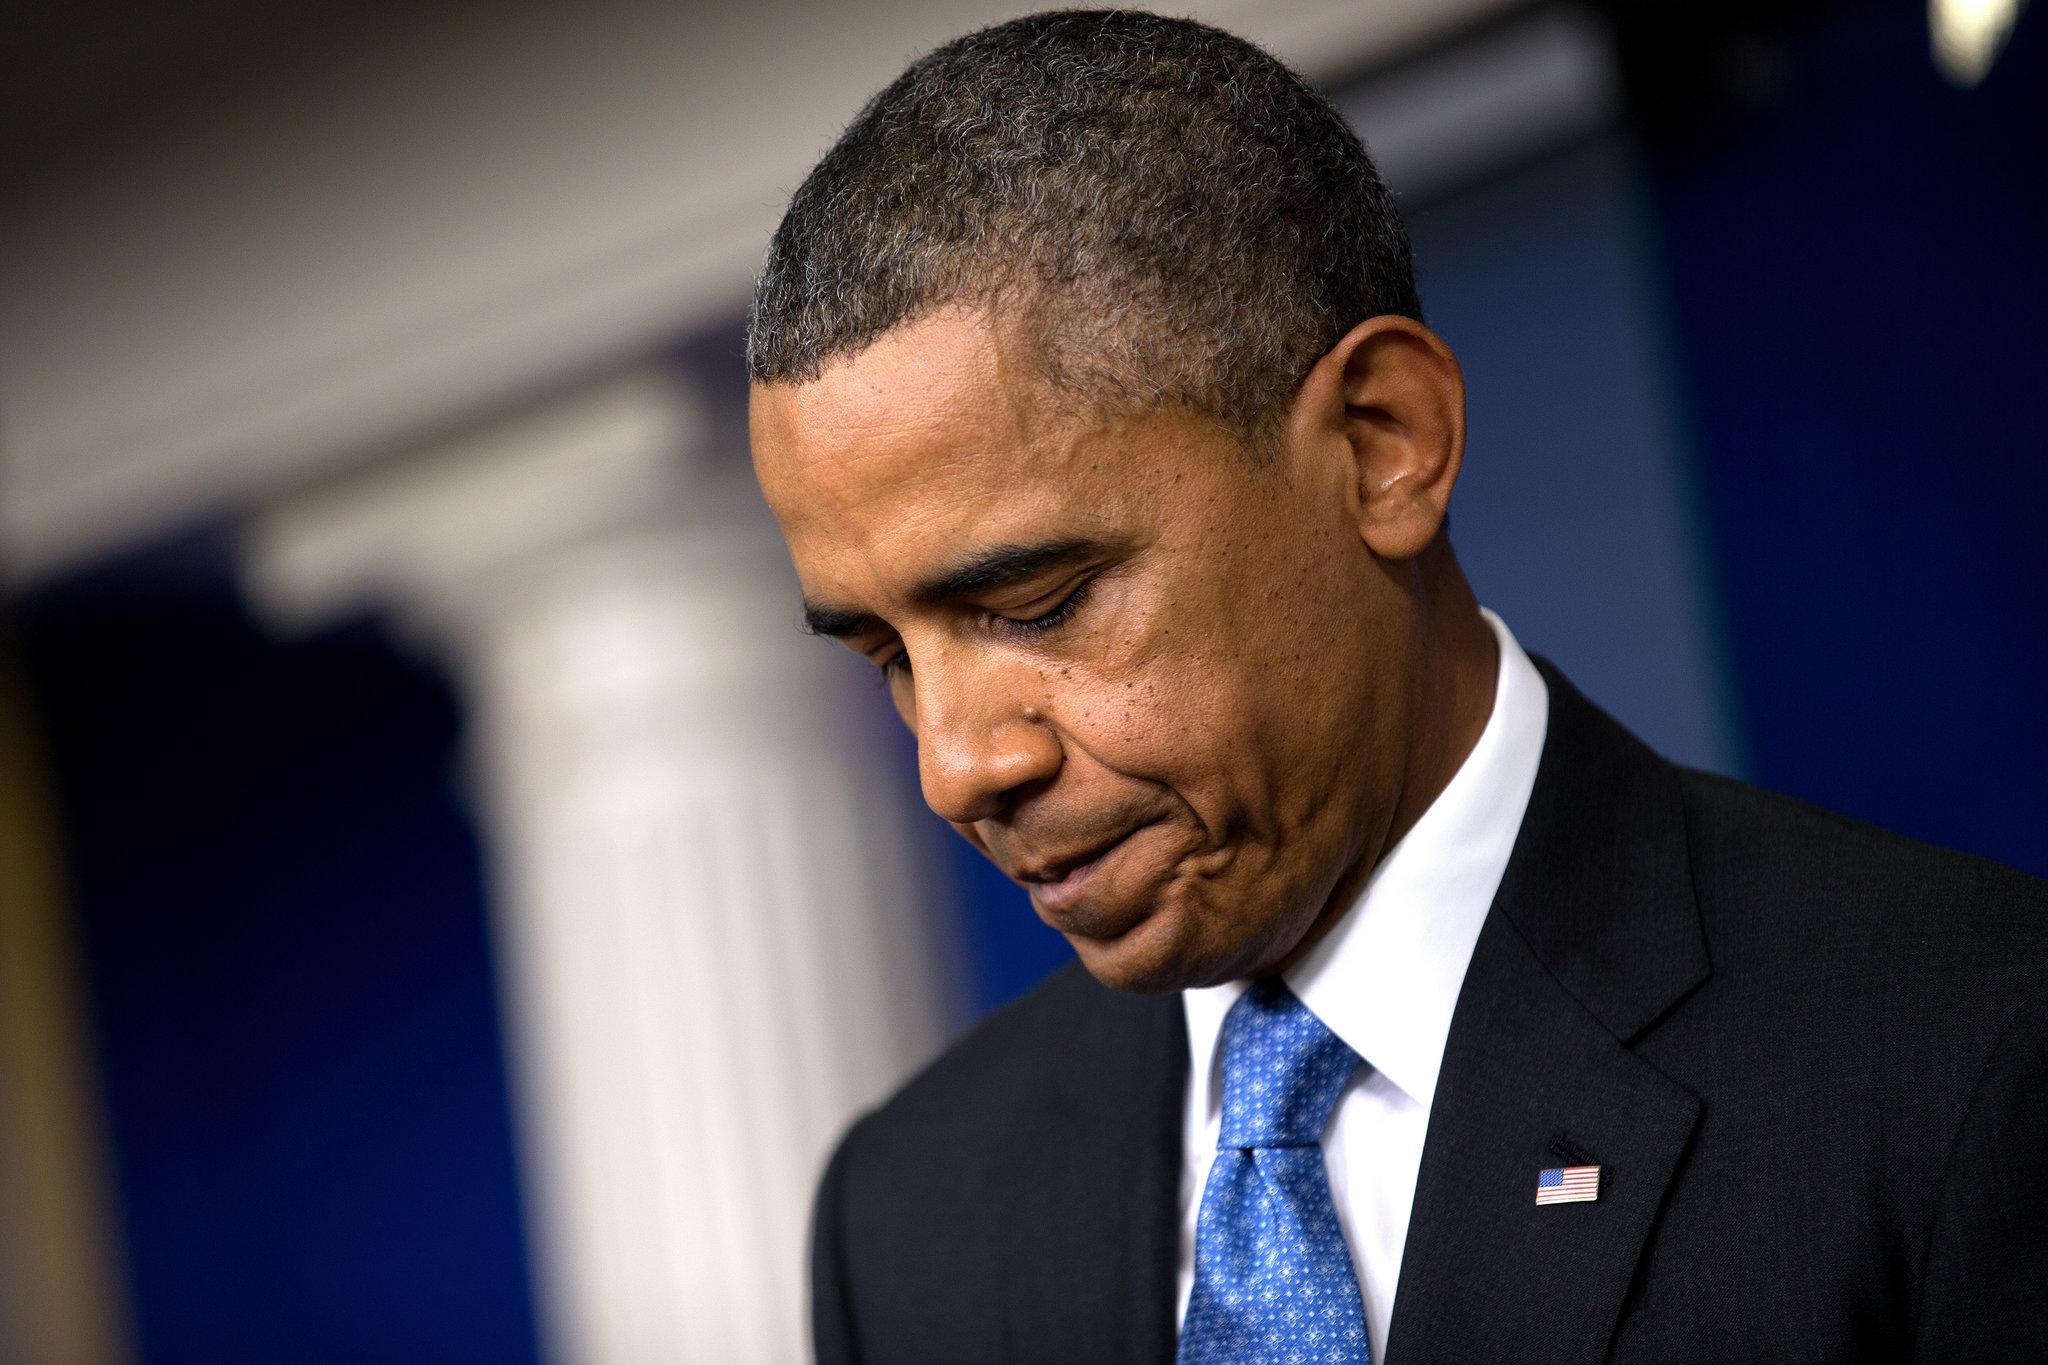 Obama'nın Hollanda gezisinde 'gizli servis' skandalı